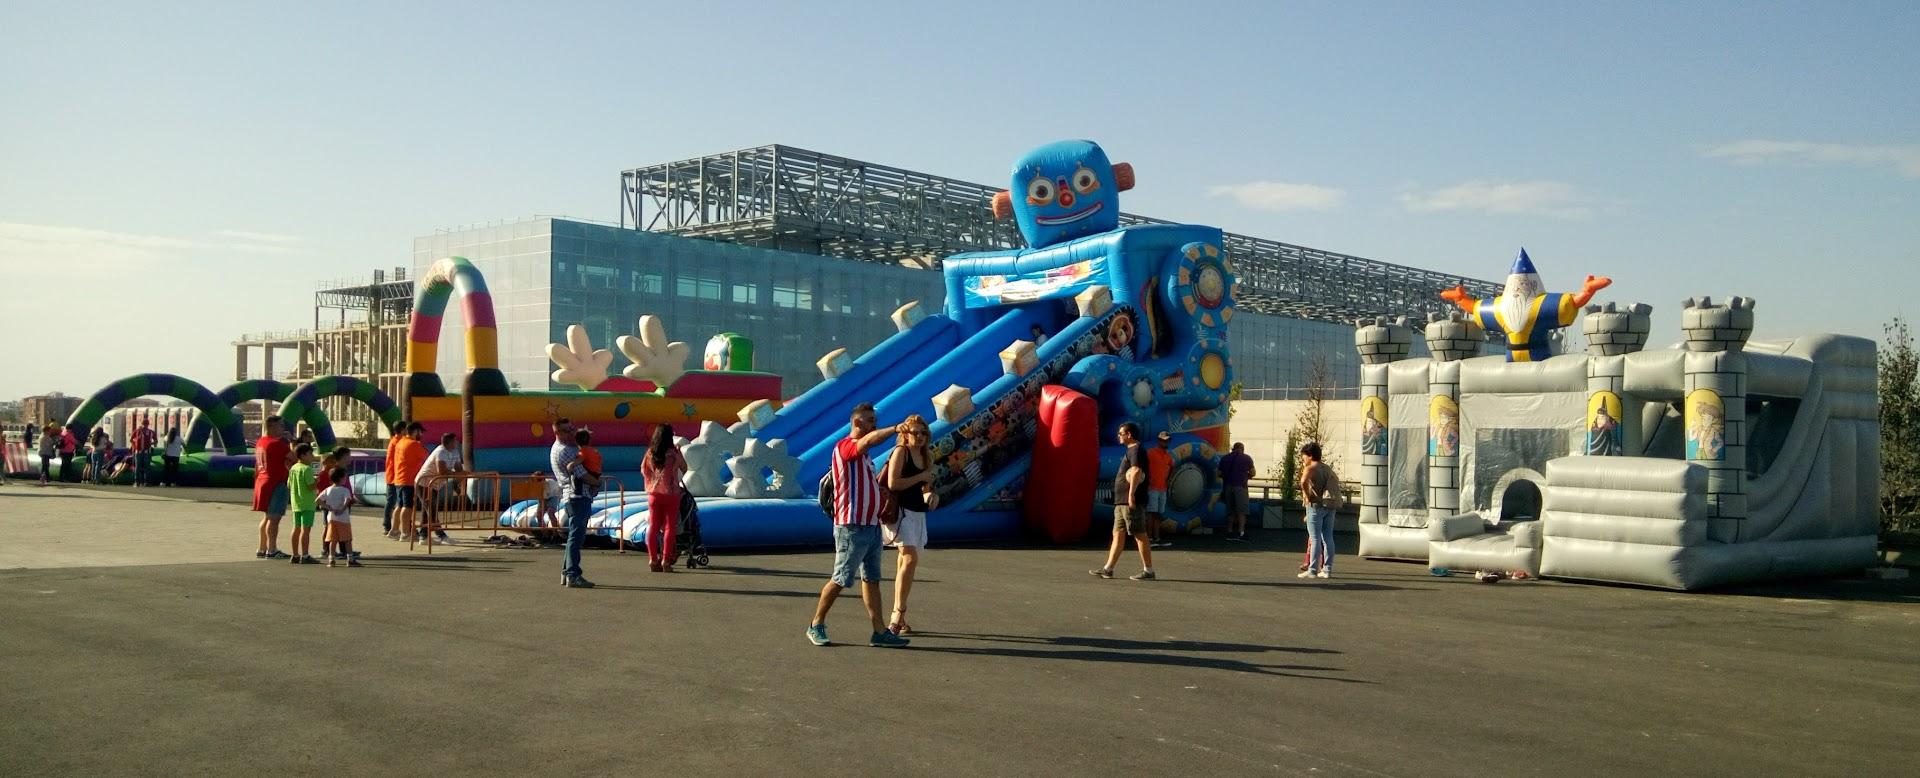 zona de castillos hinchables y juegos en el Wanda Metropolitano